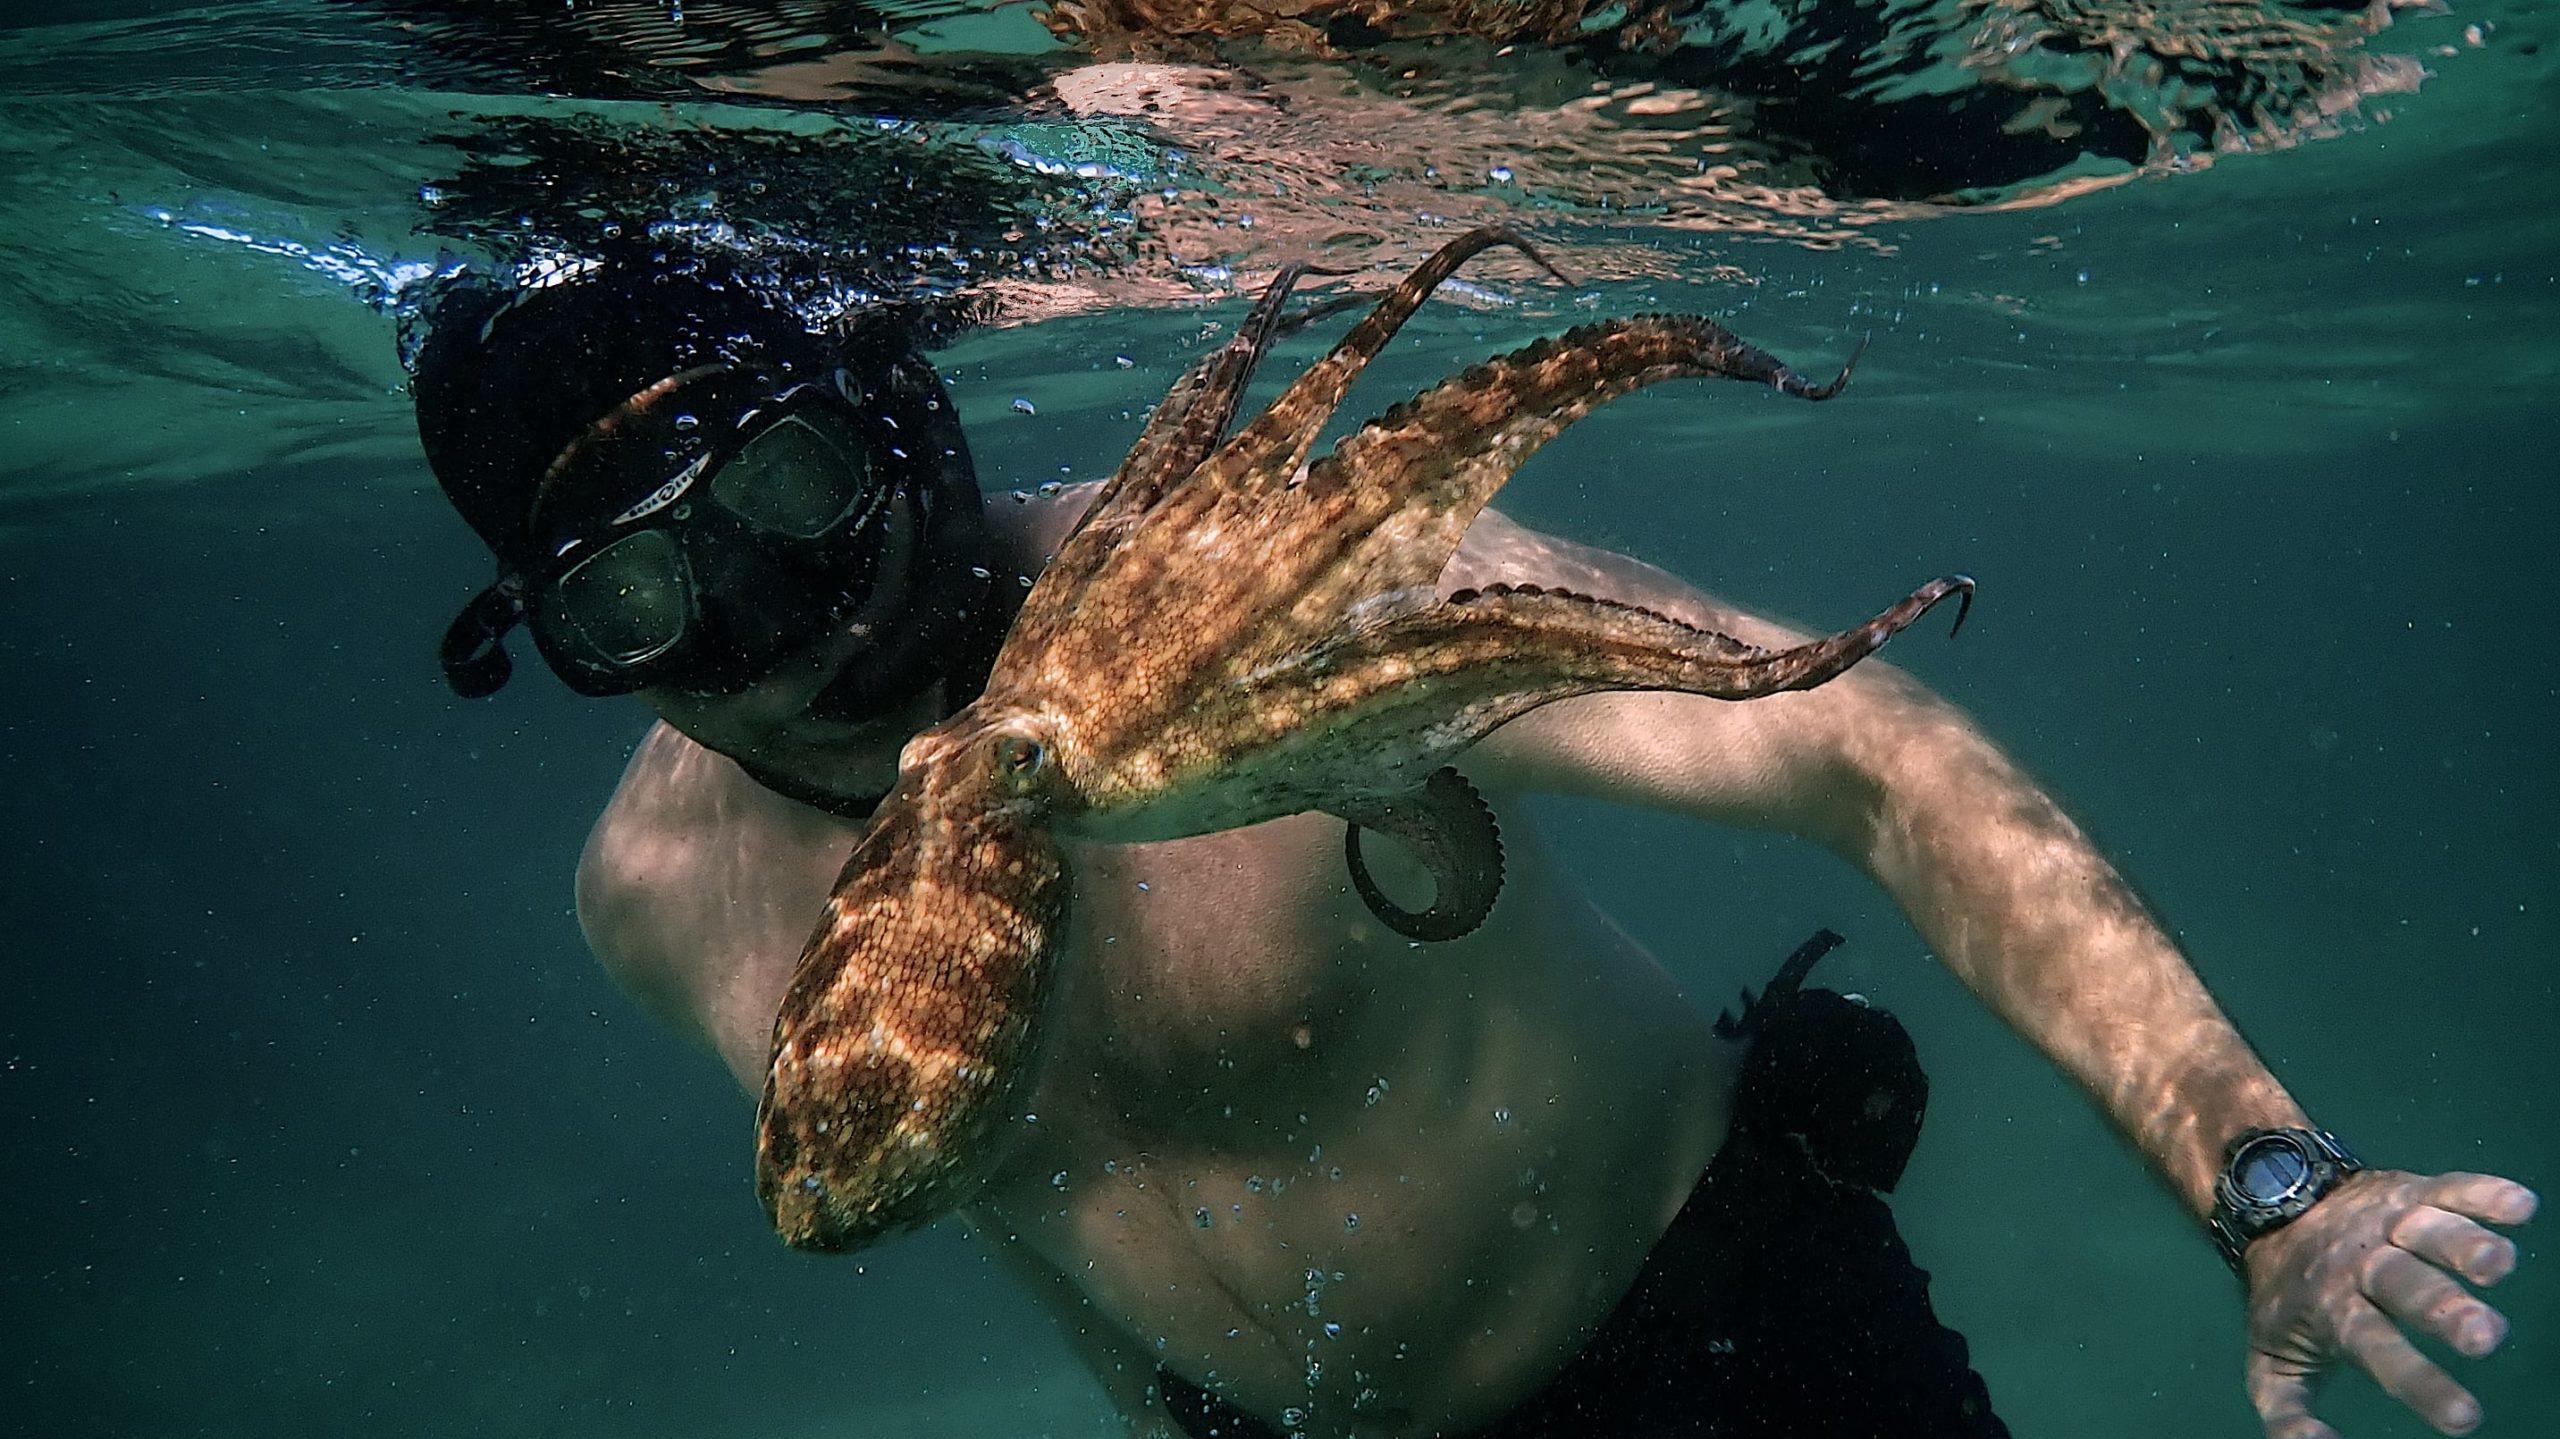 My Octopus Teacher backdrop